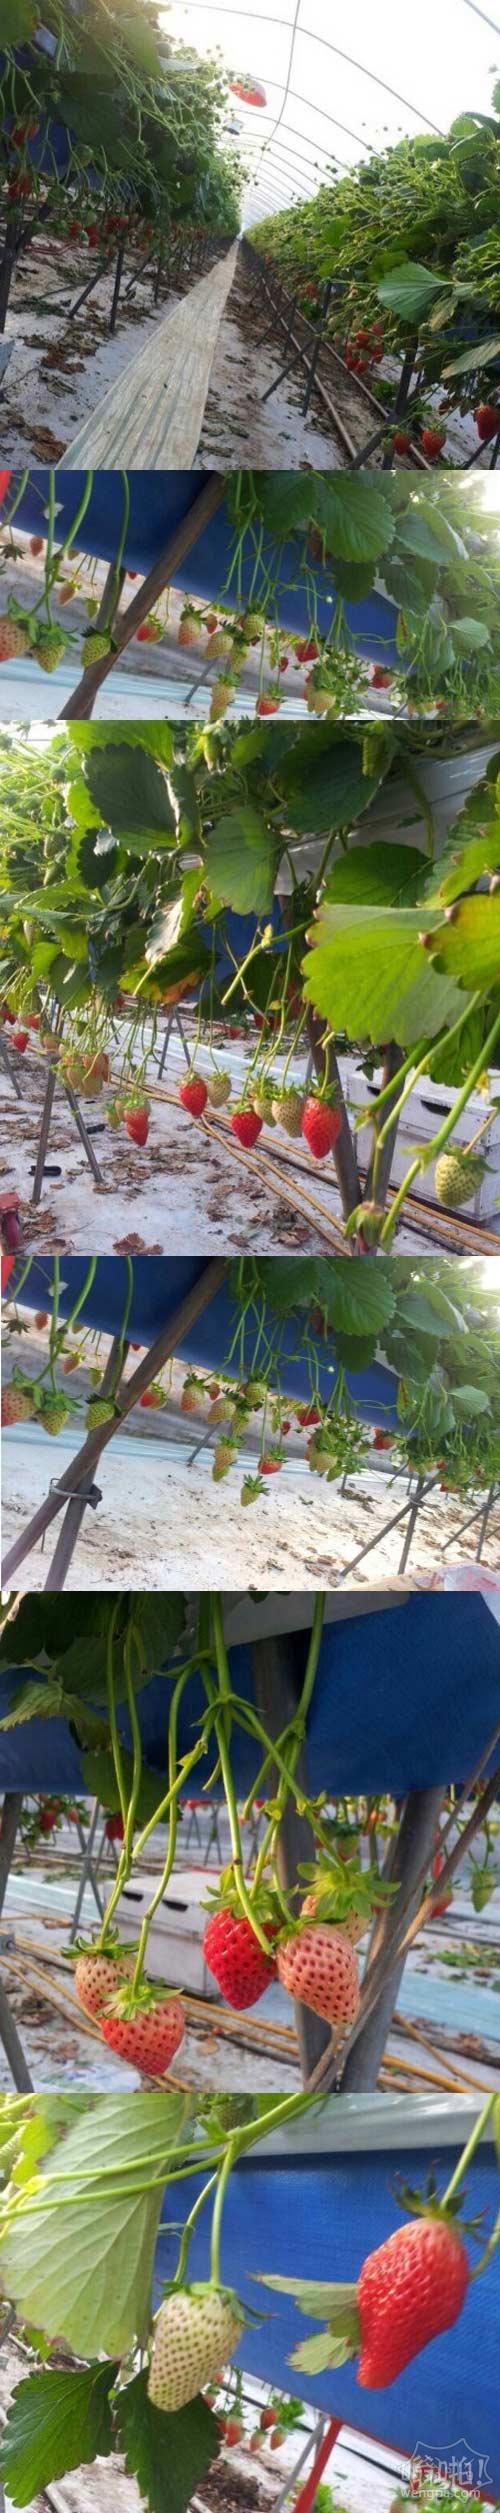 带你长知识,韩国这样种草莓。